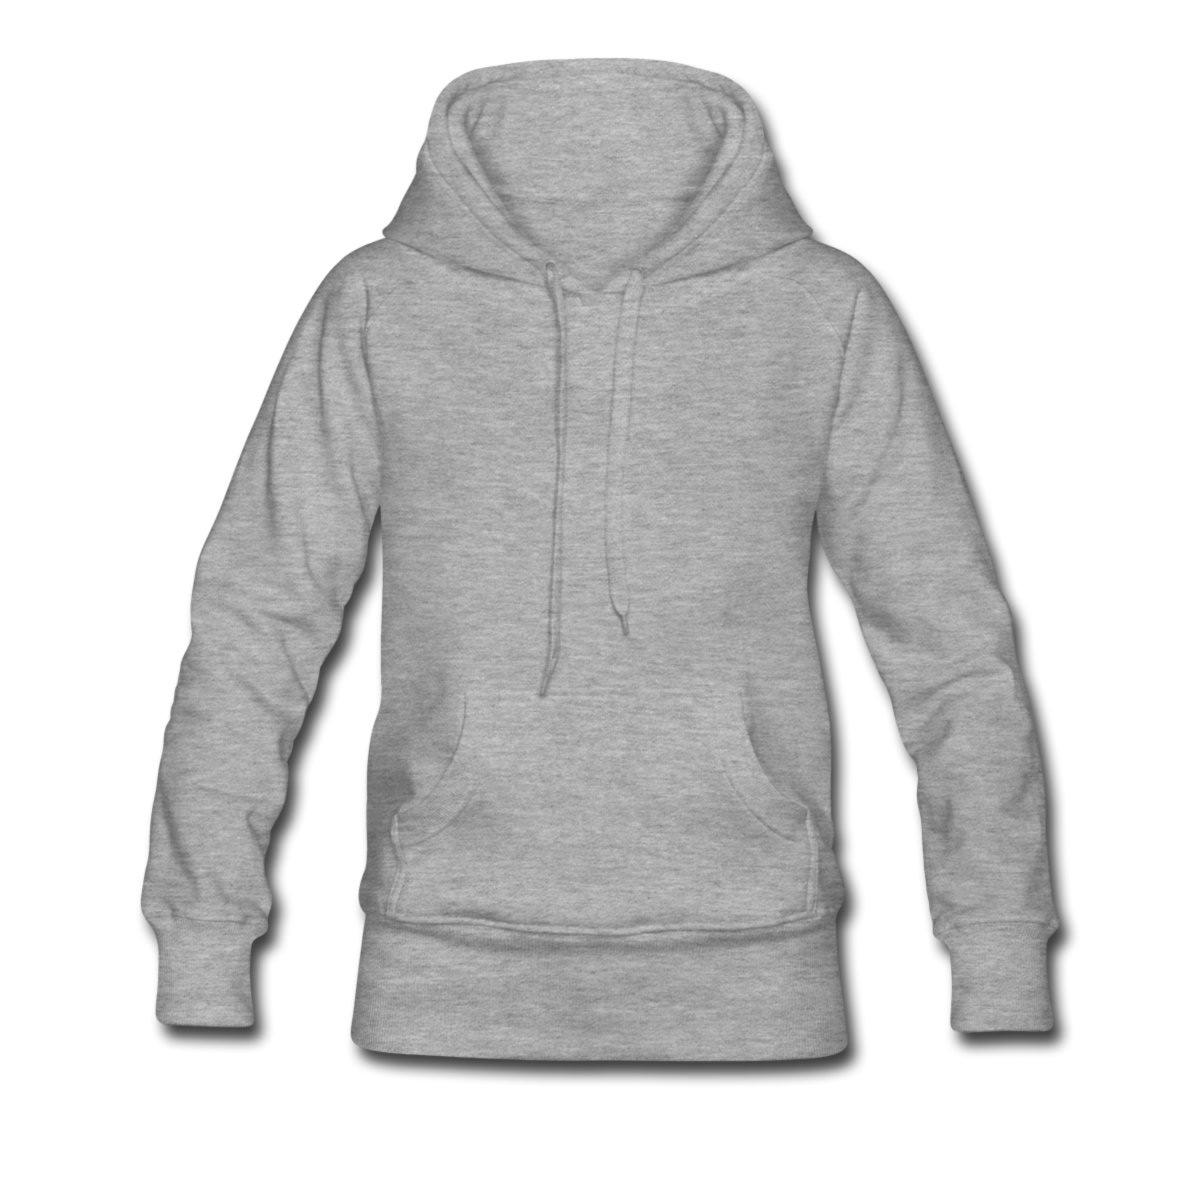 Pullover selbst gestalten im individuellem Design